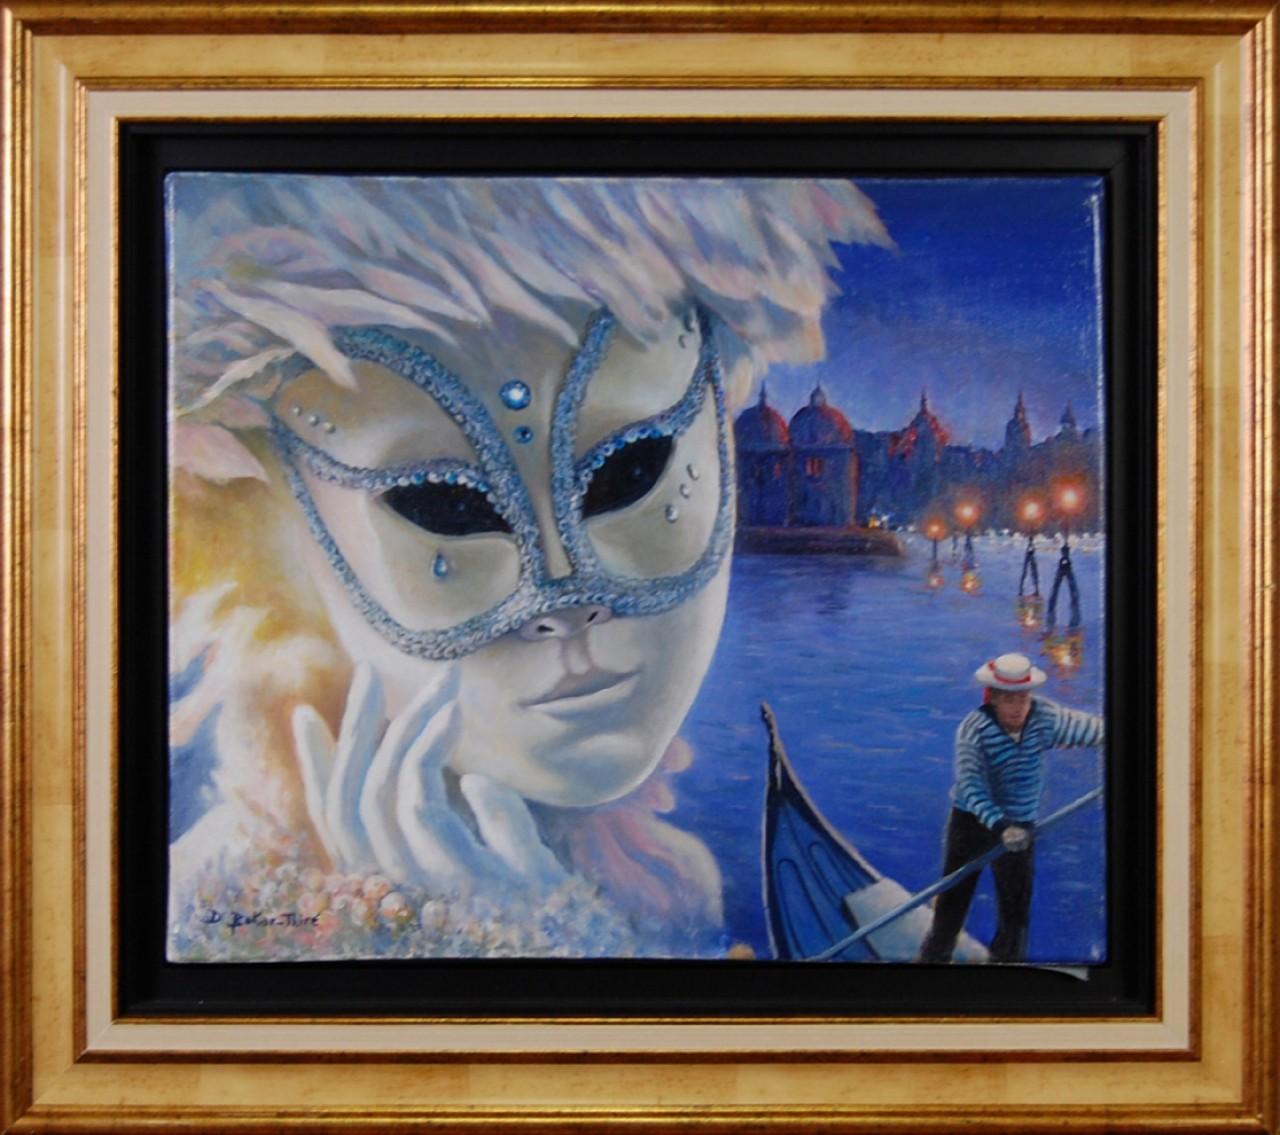 BOKAR-THIRE Djibril Venise nuit gondole et masque